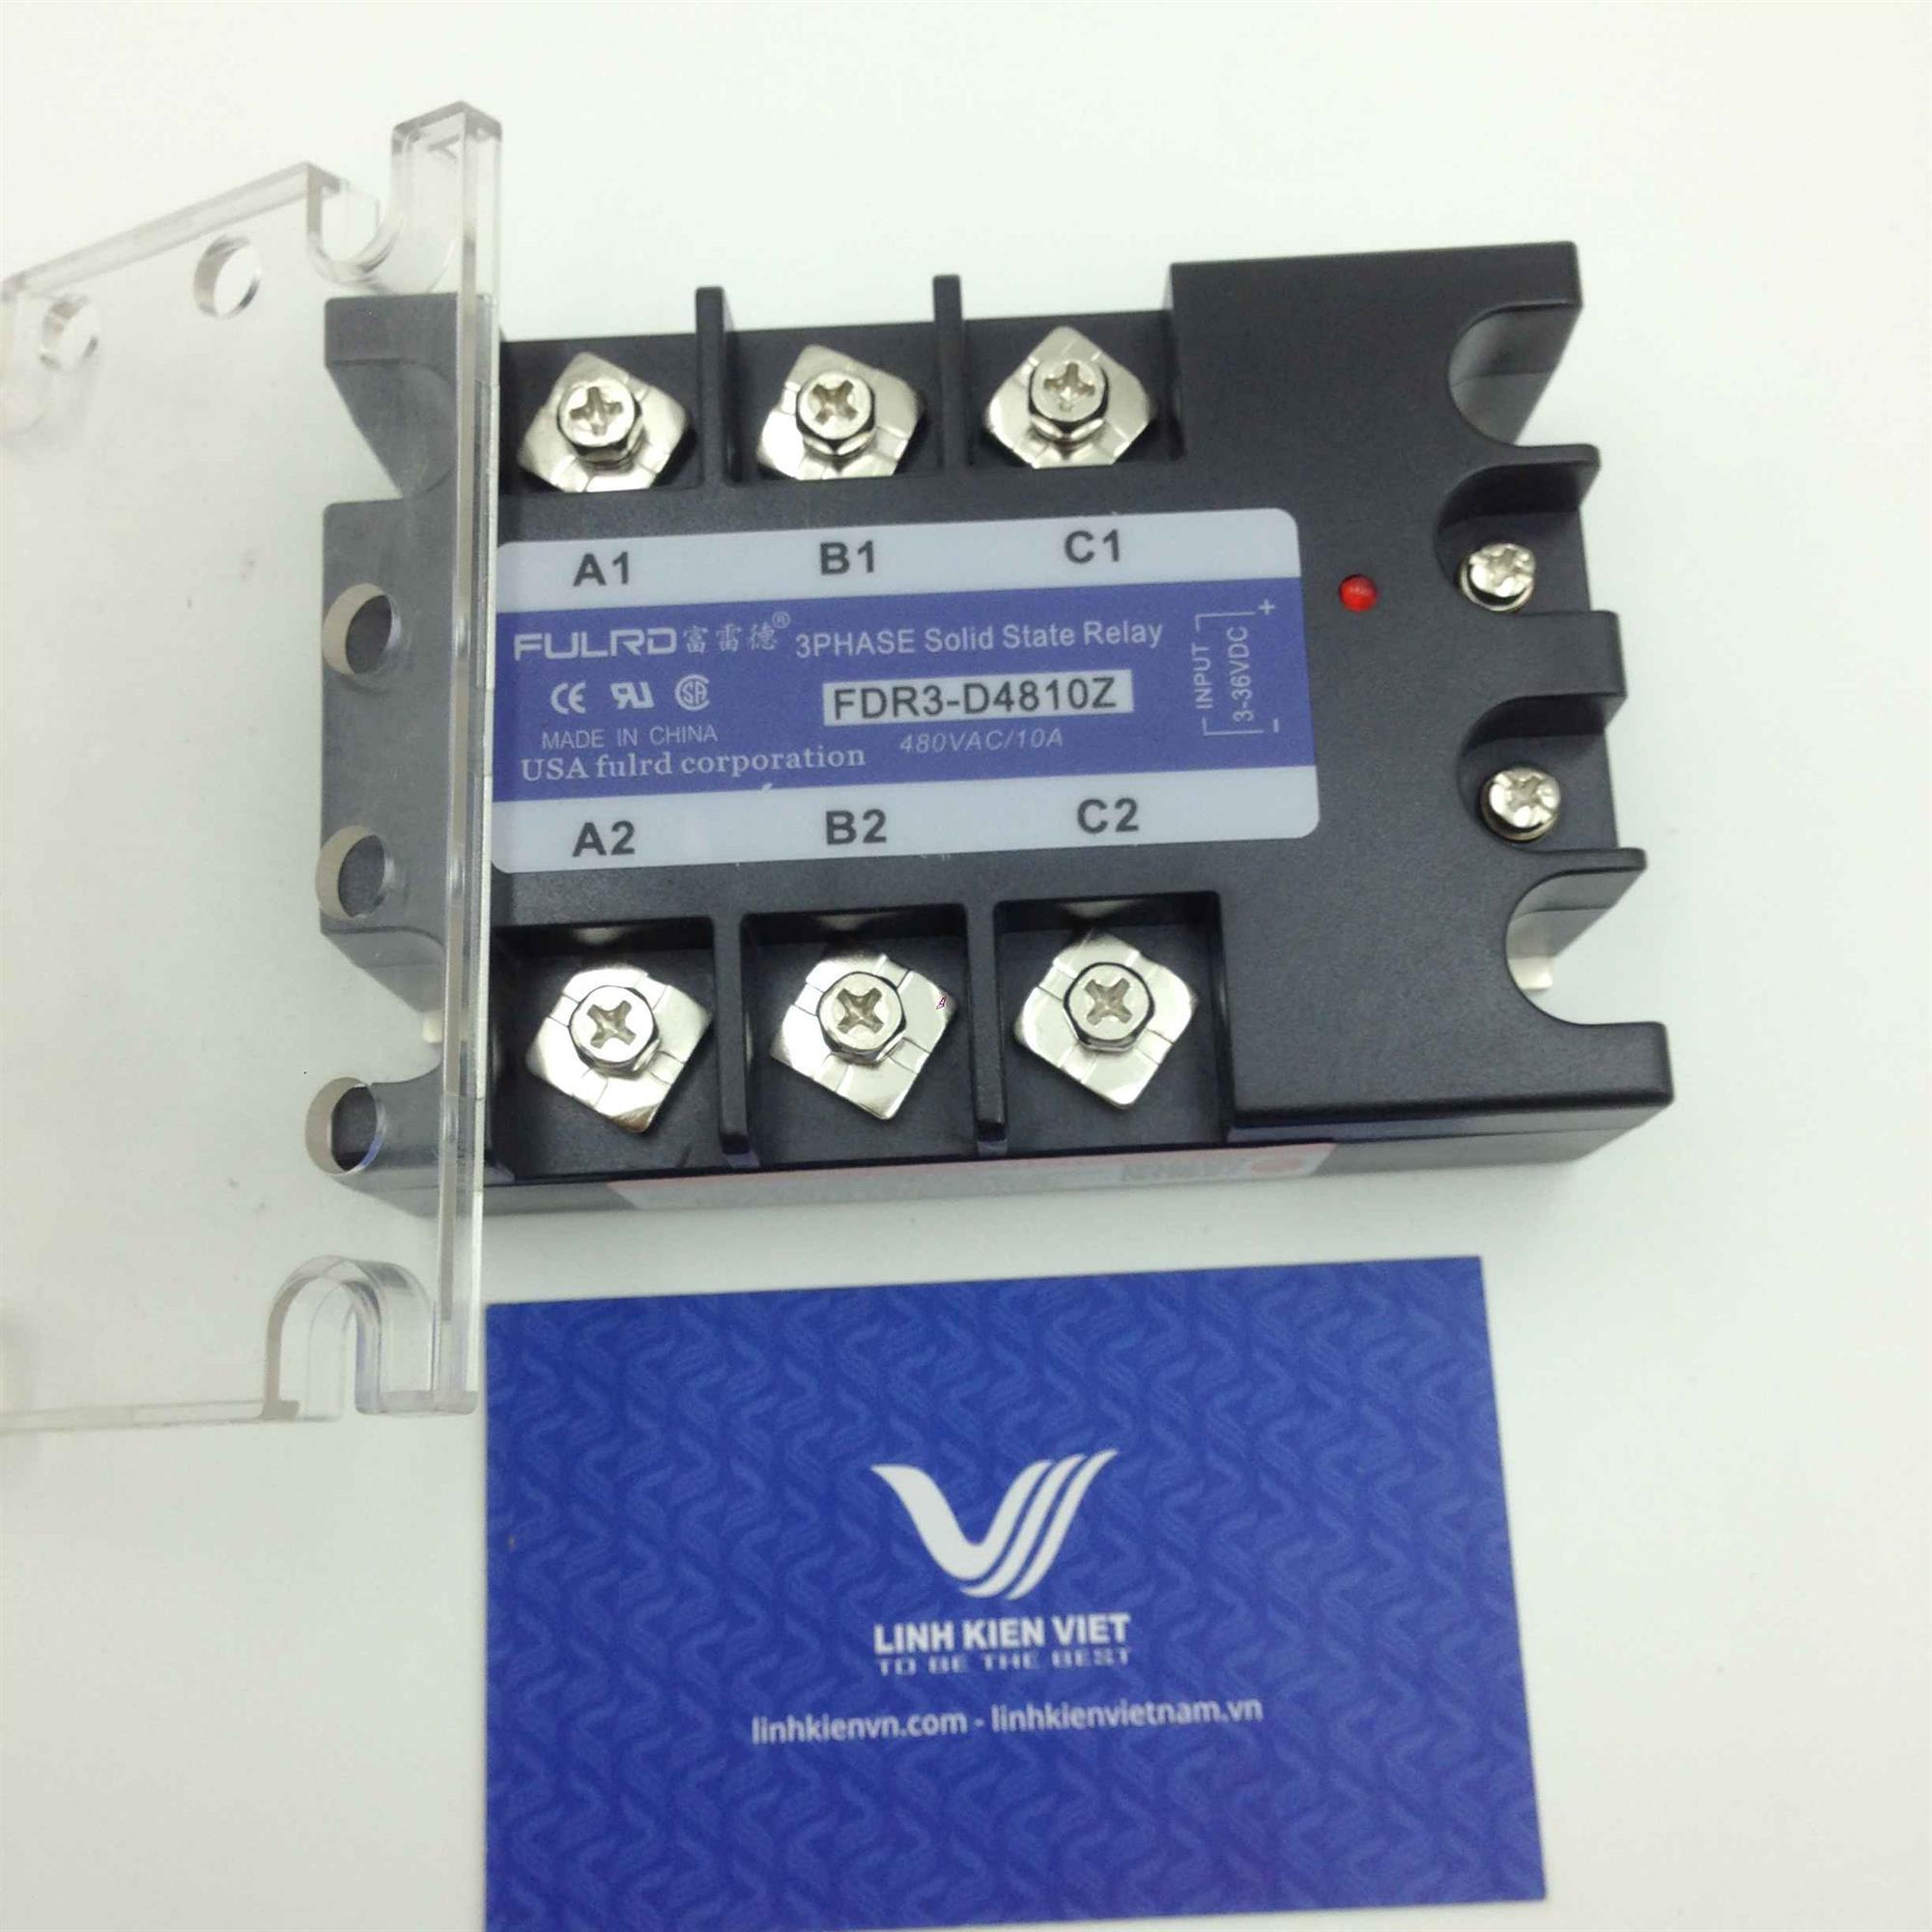 relay-ban-dan-3-pha-ssr-60a-fdr3-d4860z-kb4h3